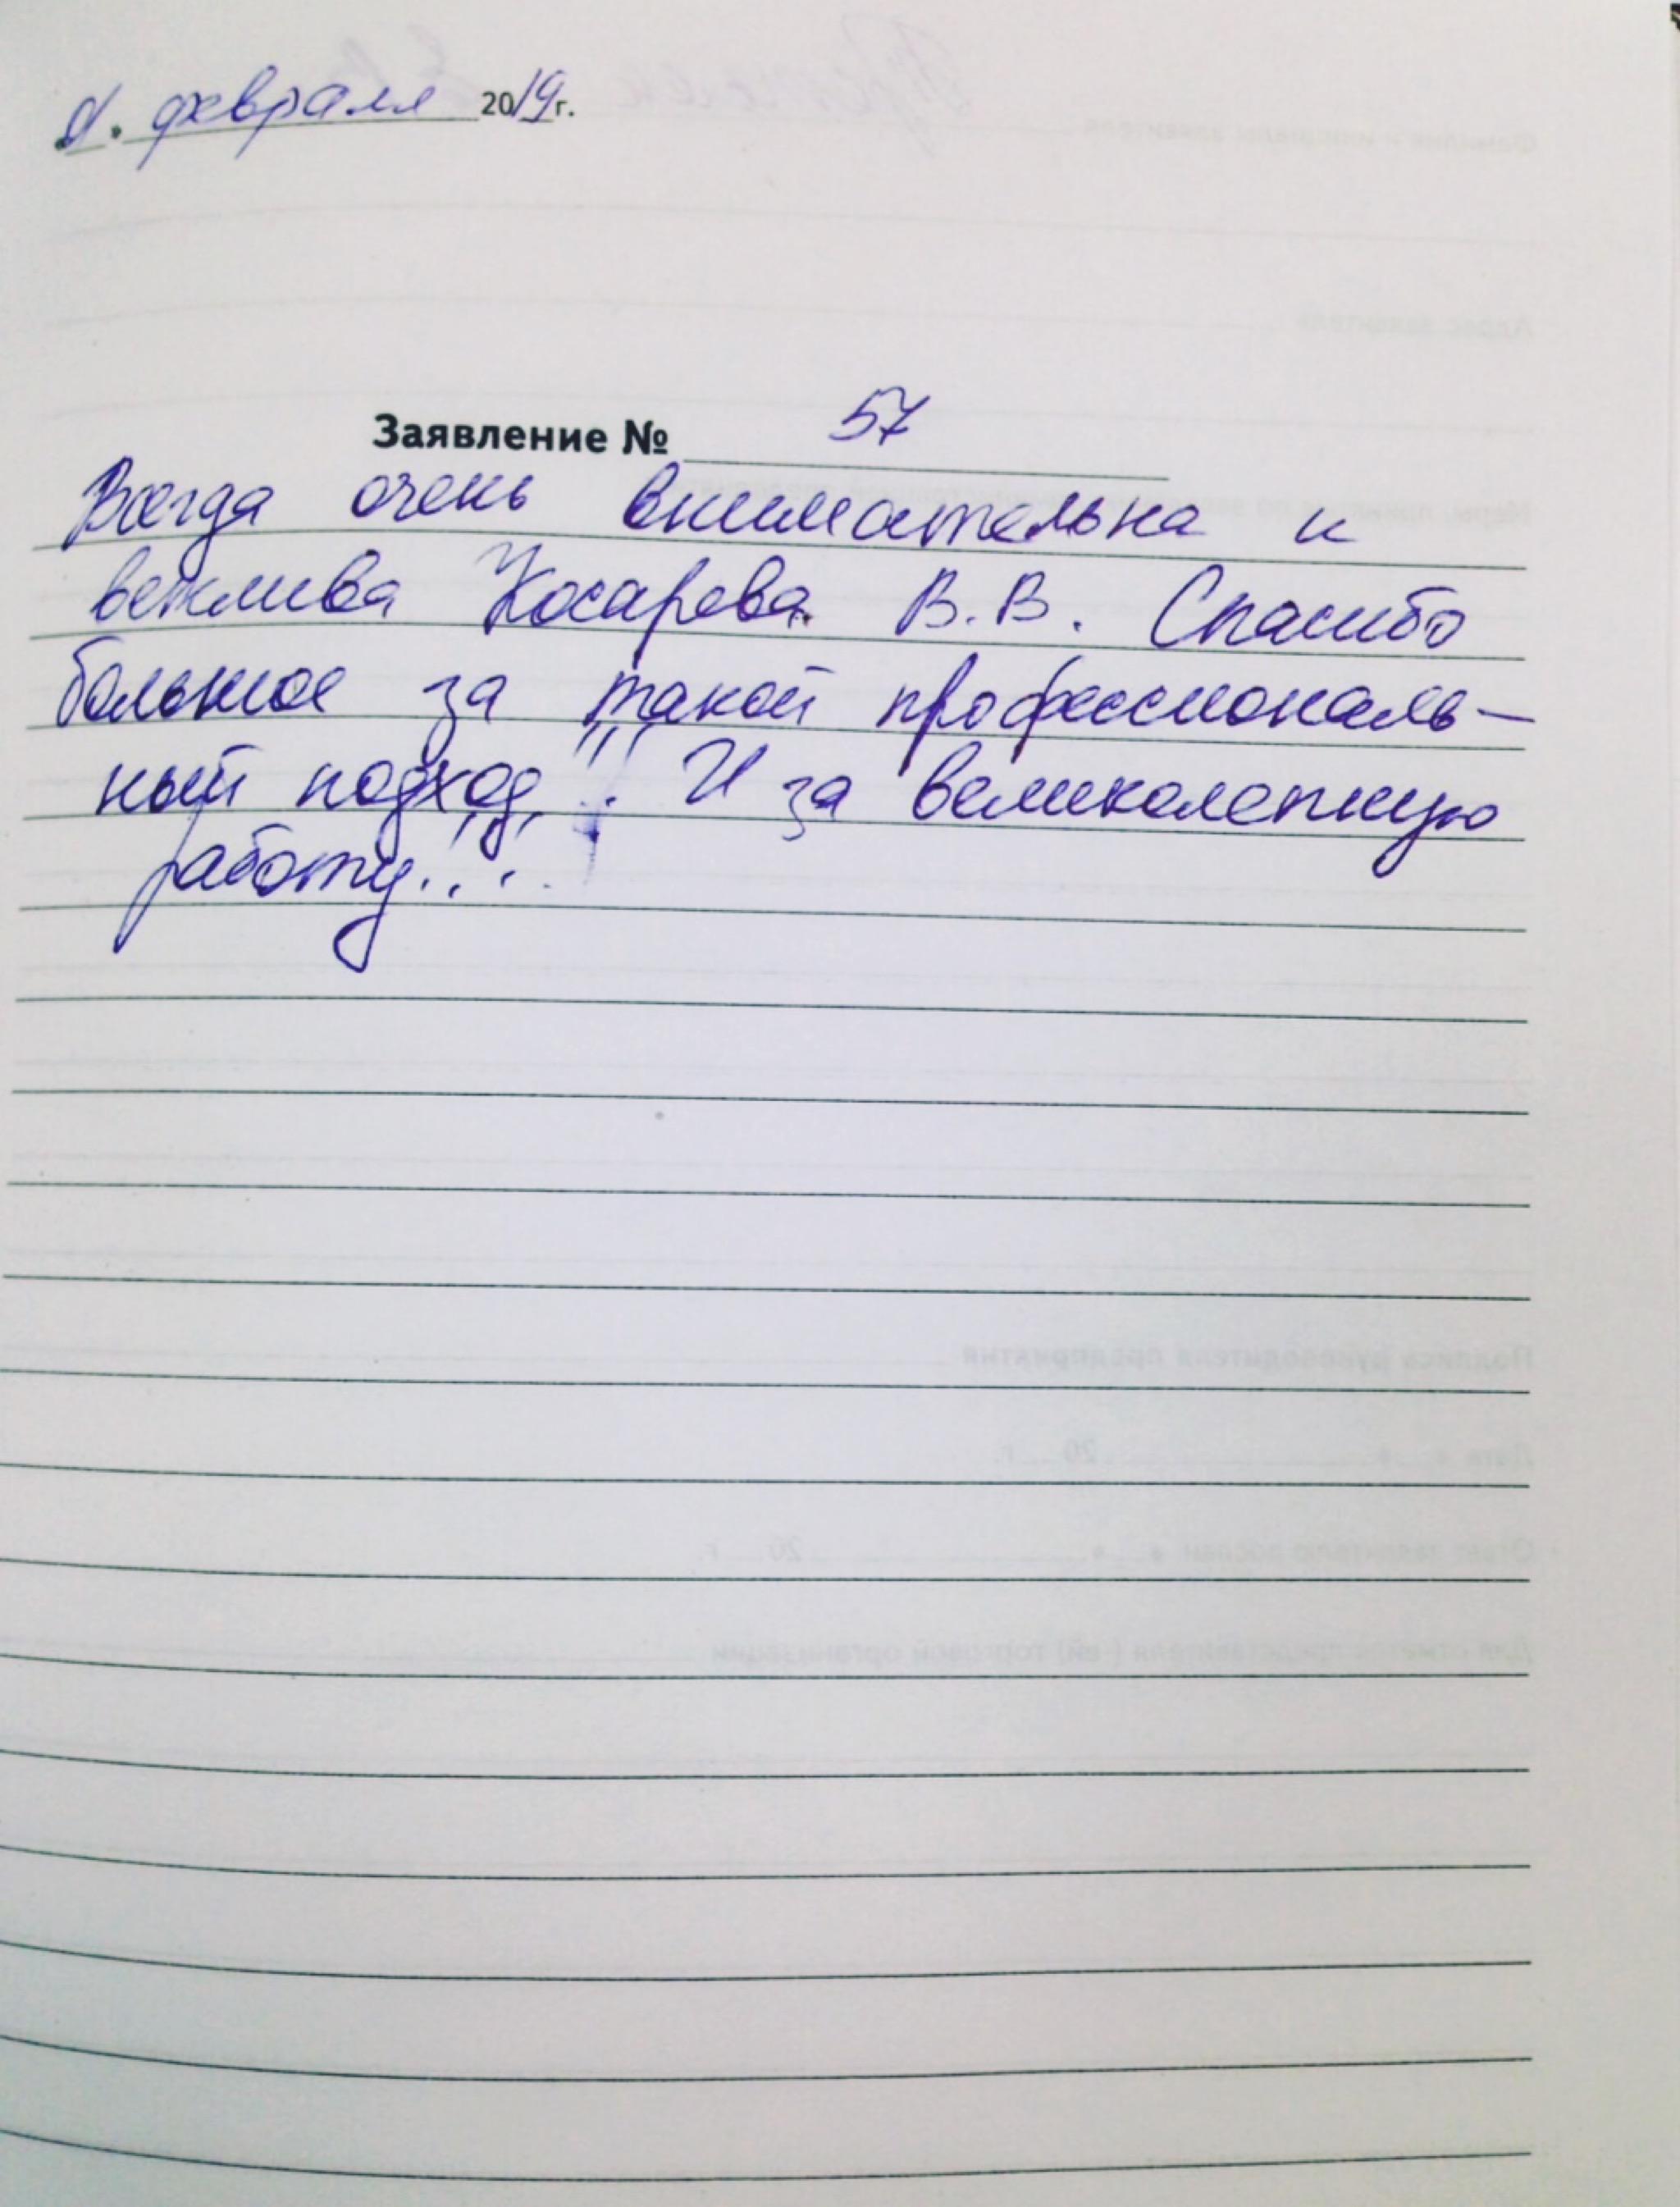 <em>Редактировать Отзыв</em> Екатерина. Стоматология Фларт